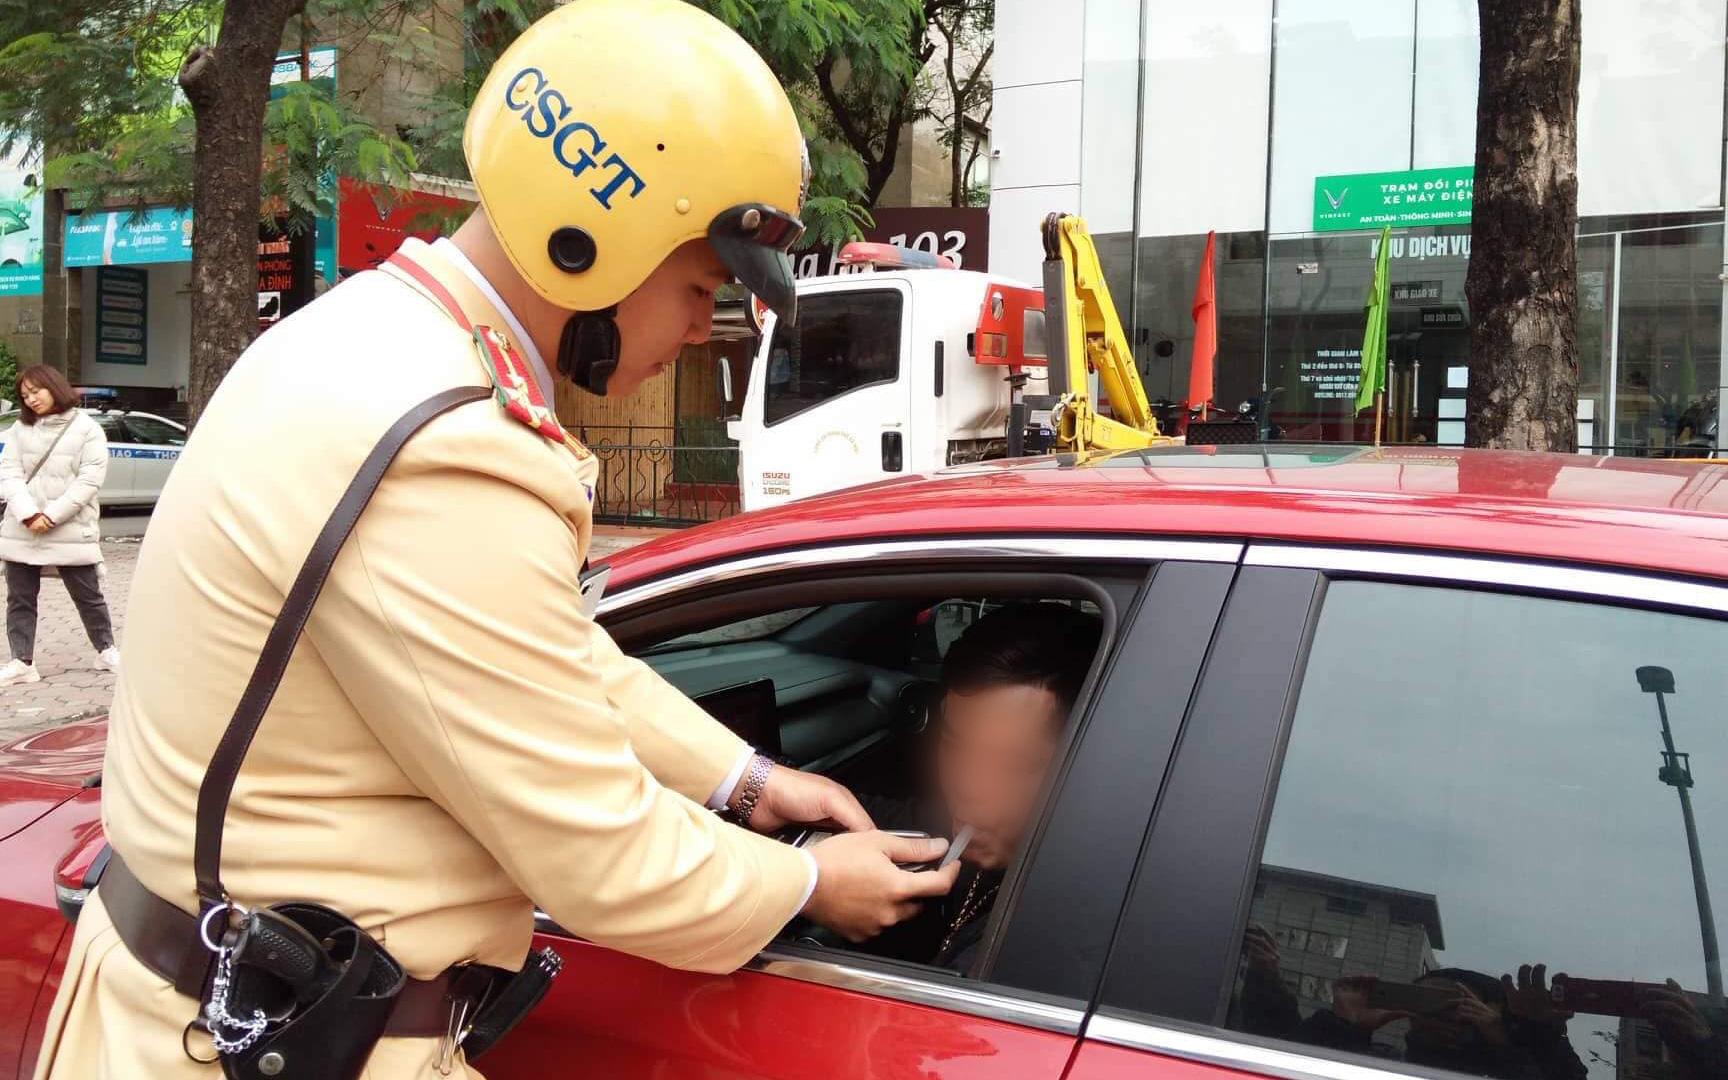 Vi phạm nồng độ cồn, người đàn ông bị tạm giữ phương tiện và GPLX được CSGT vẫy hộ taxi để gia đình tiếp tục du xuân